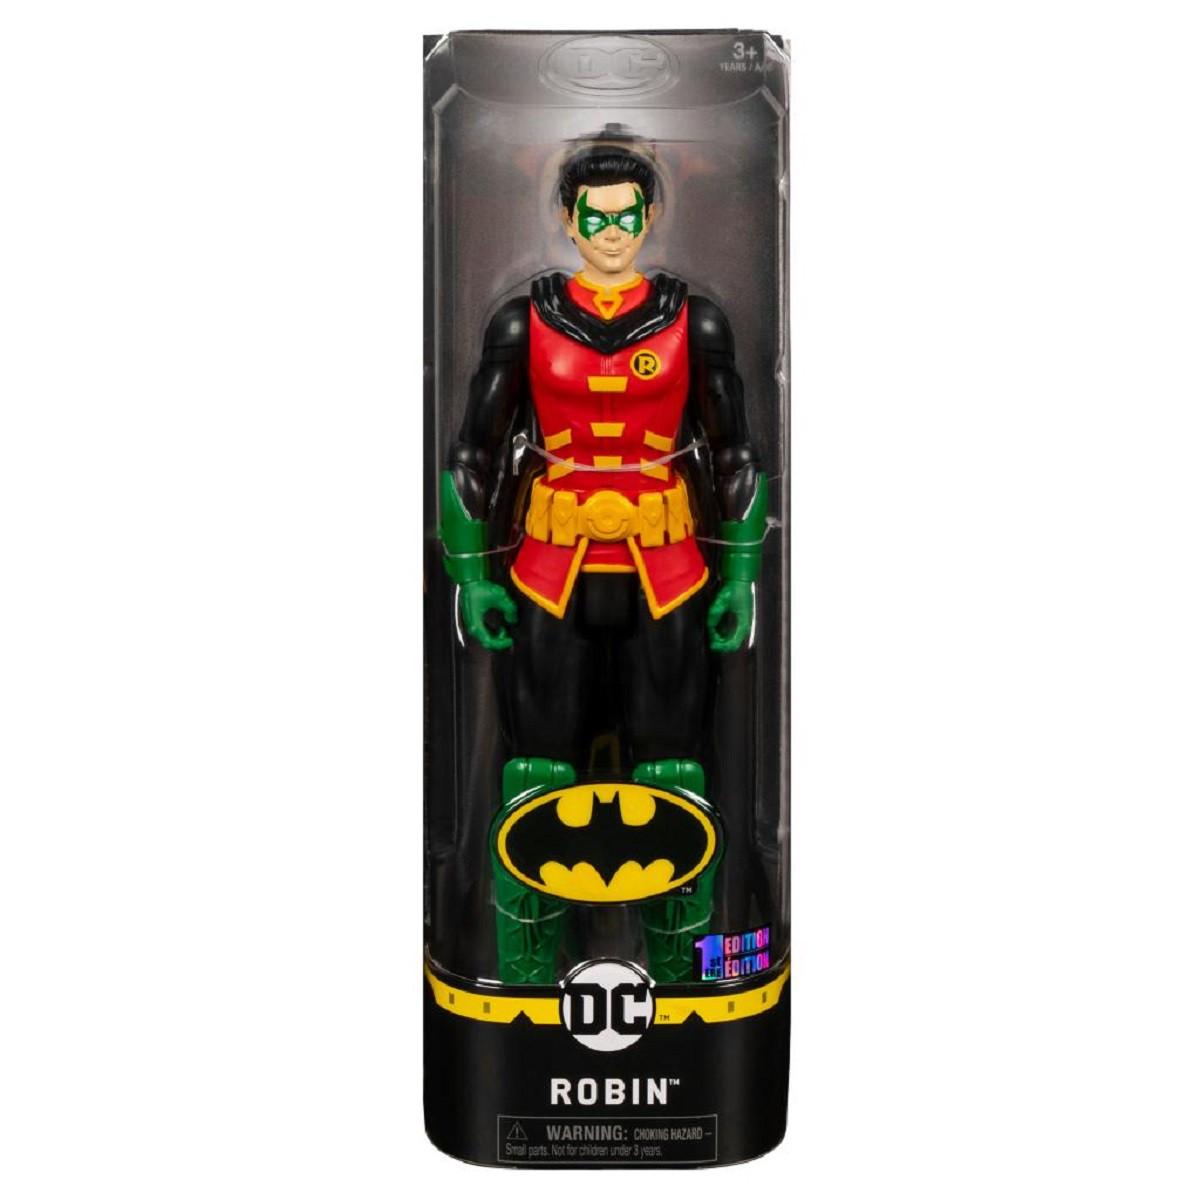 DC Comics BATMAN Boneco De Ação ROBIN Articulado